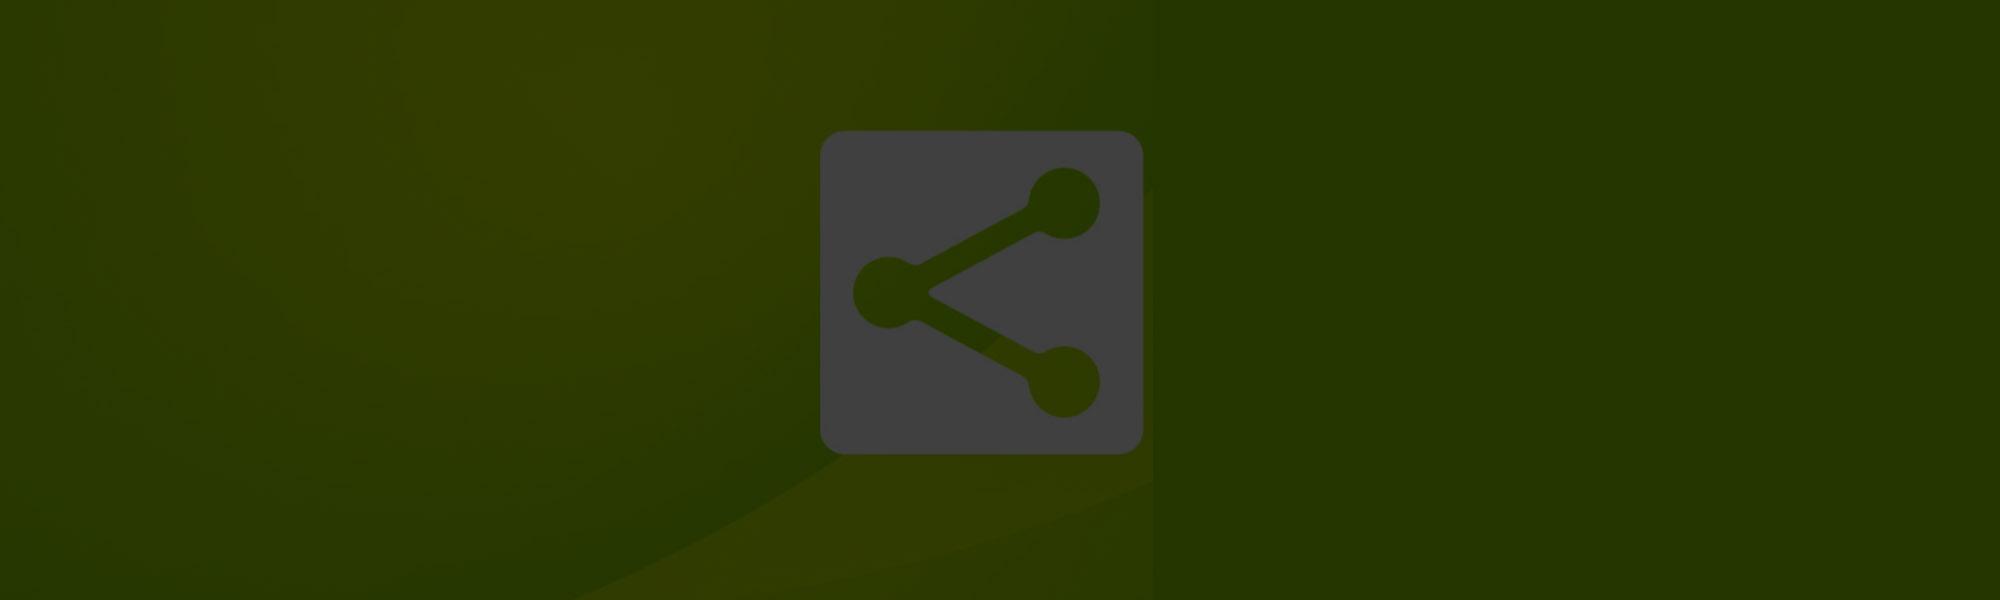 ShareThis Relaunches Its WordPress Plugin!